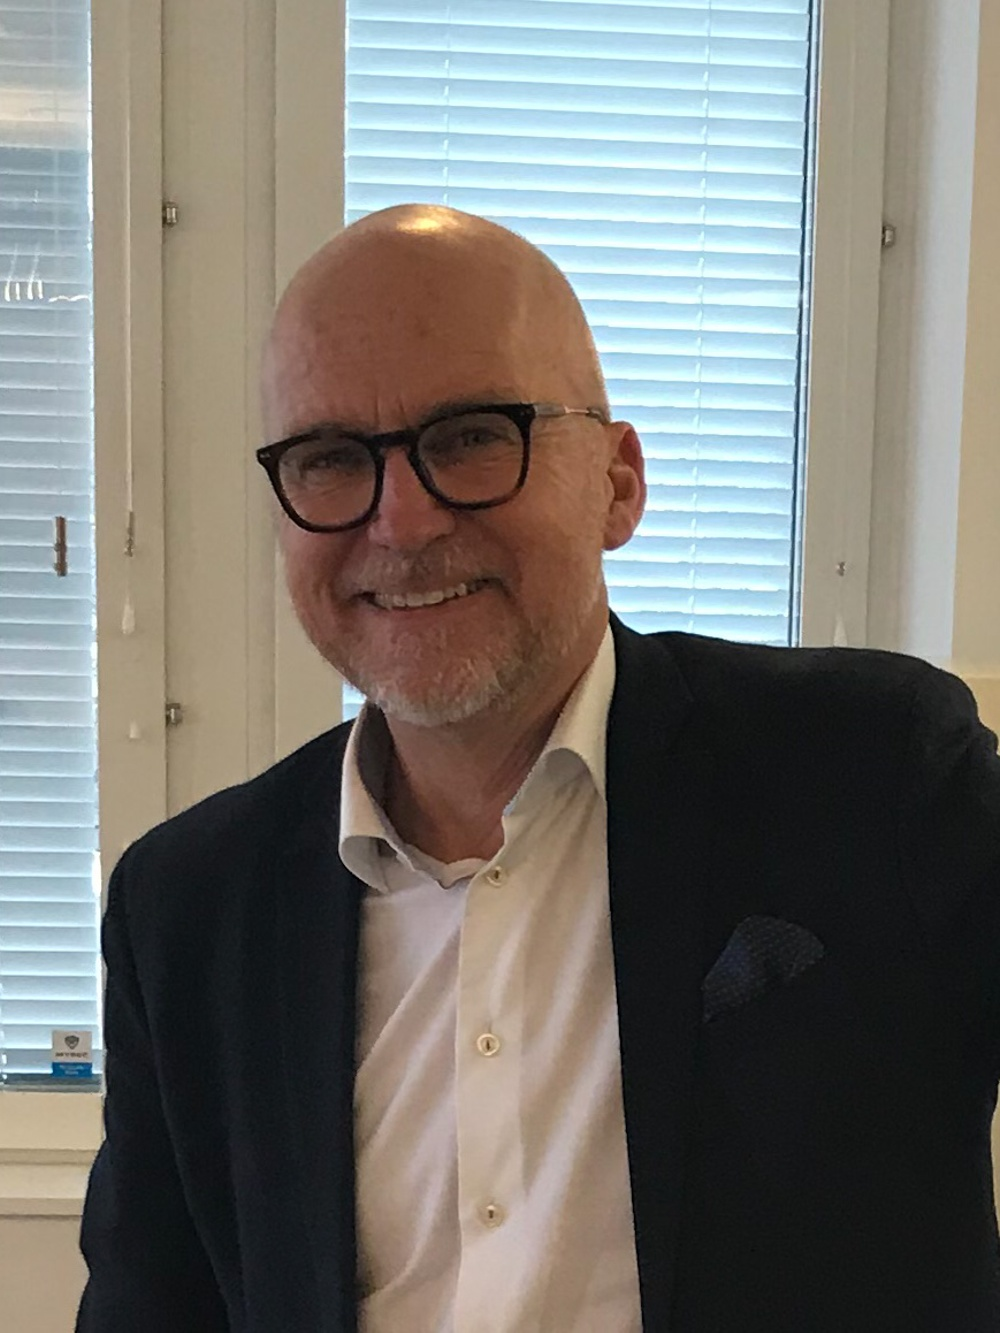 Säkerhetsdirektör Arriva Sverige AB